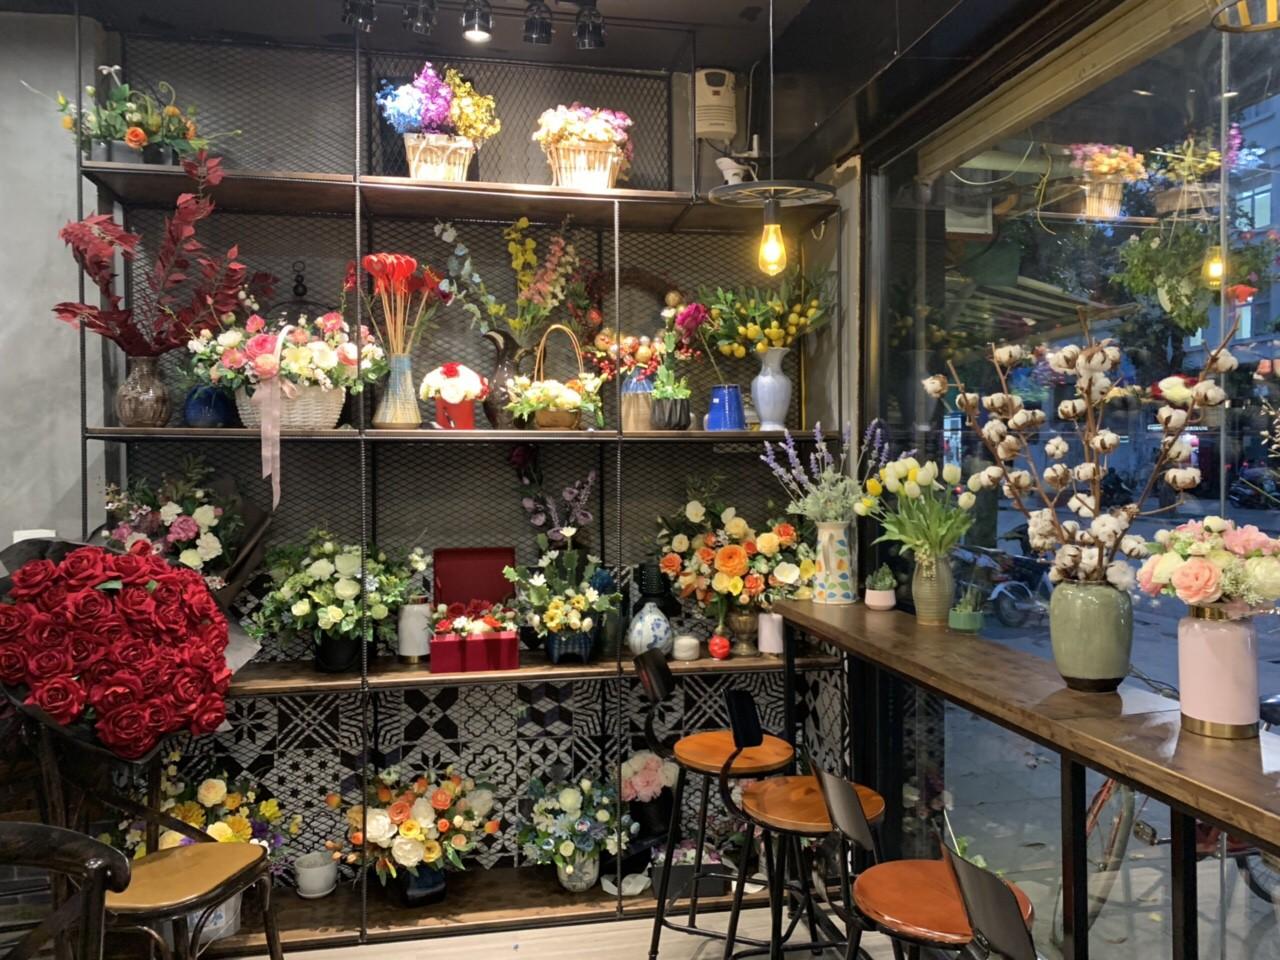 Khám phá tiệm hoa cafe đẹp như mơ trong lòng Hà Nội - Ảnh 1.